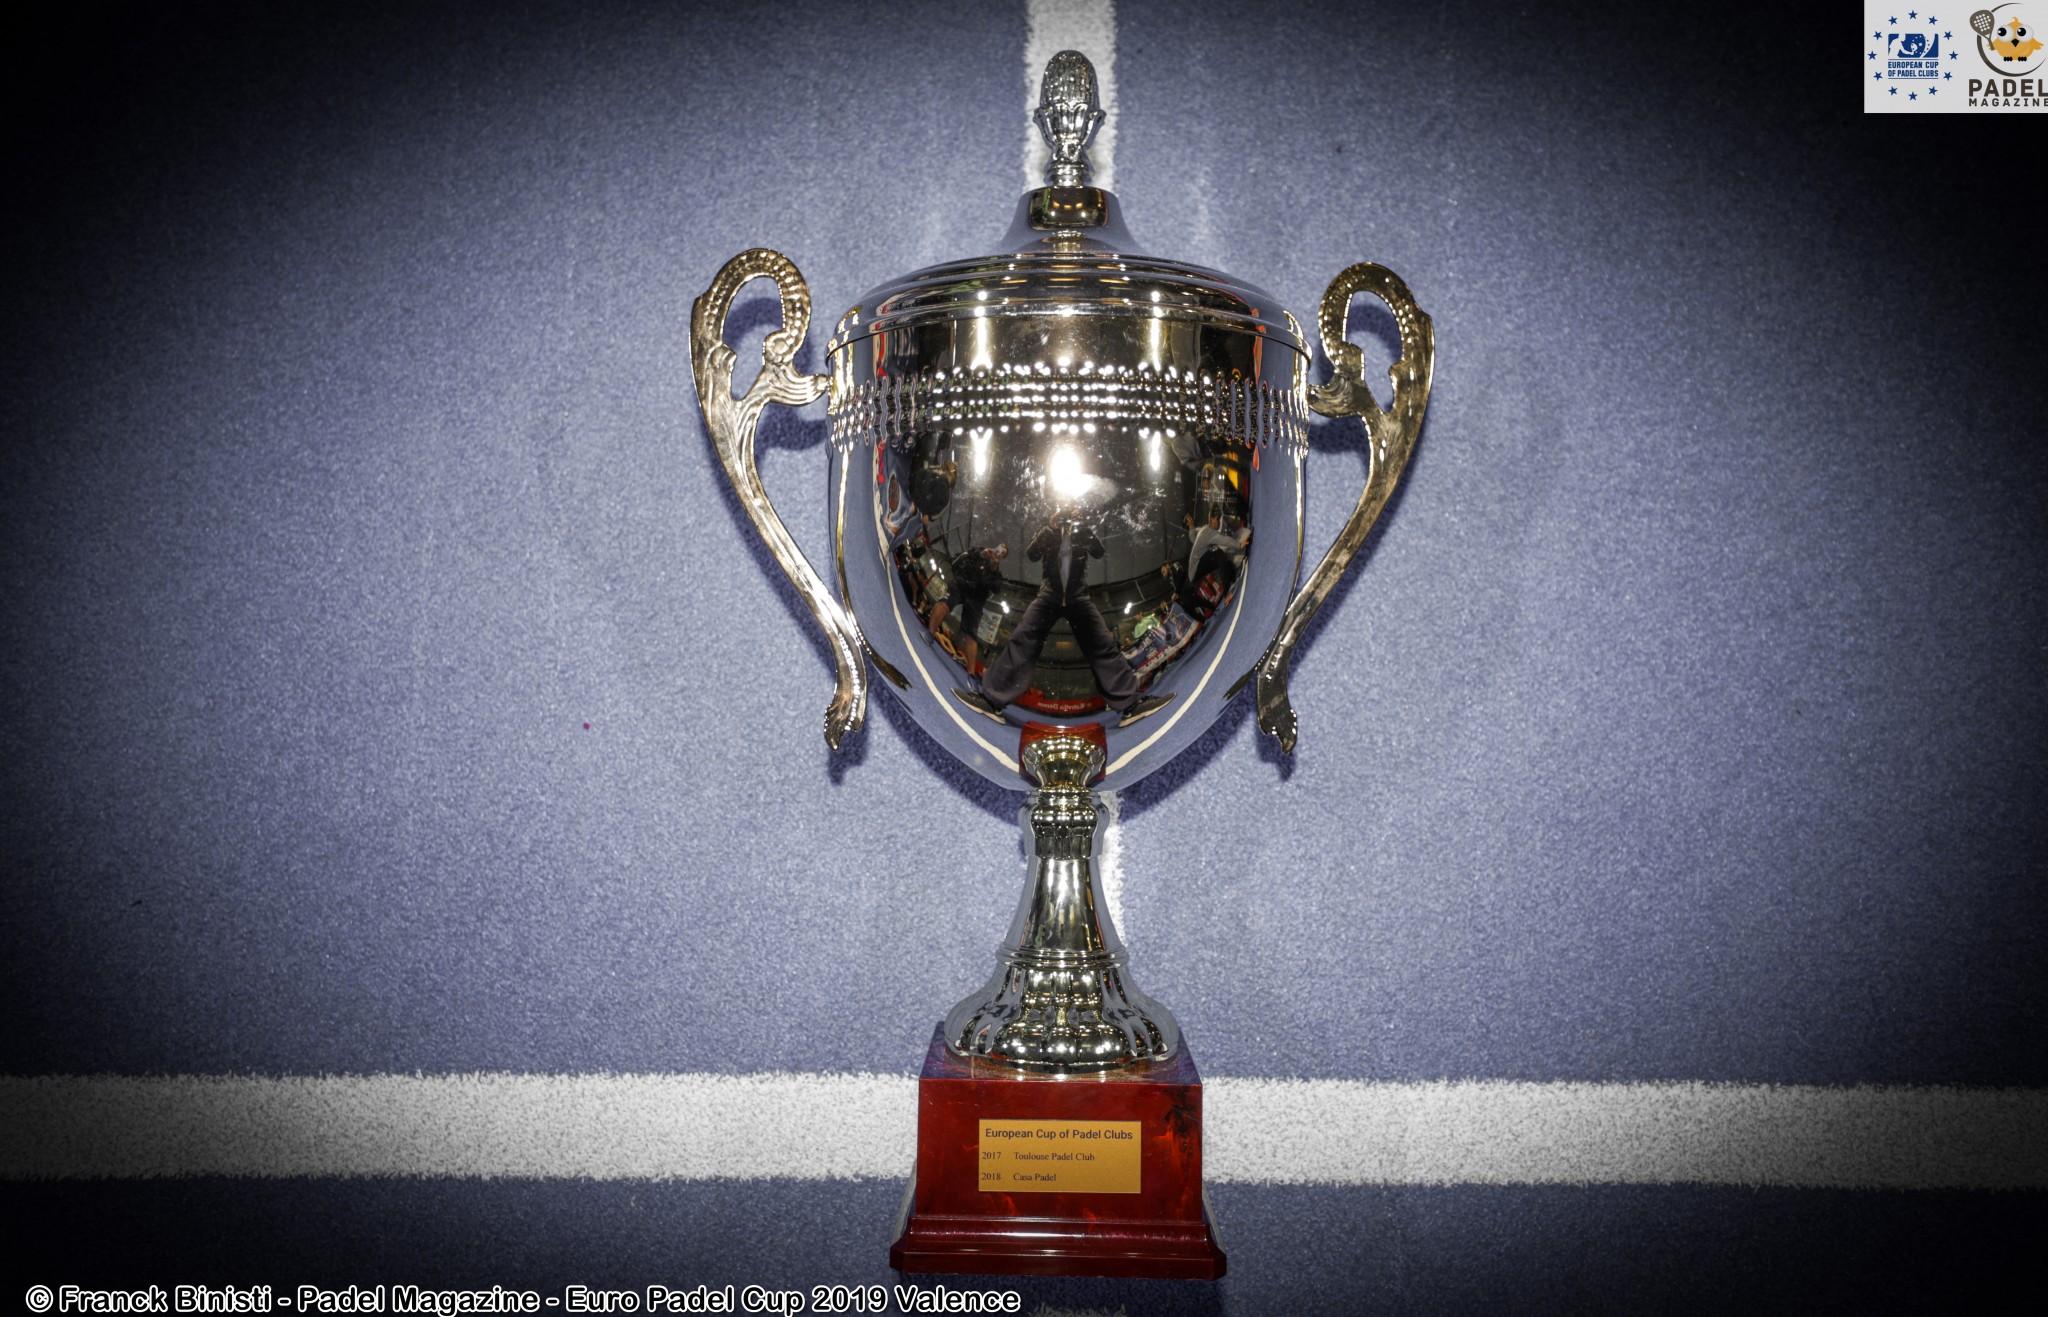 coupe trophée euro padel cup 2019